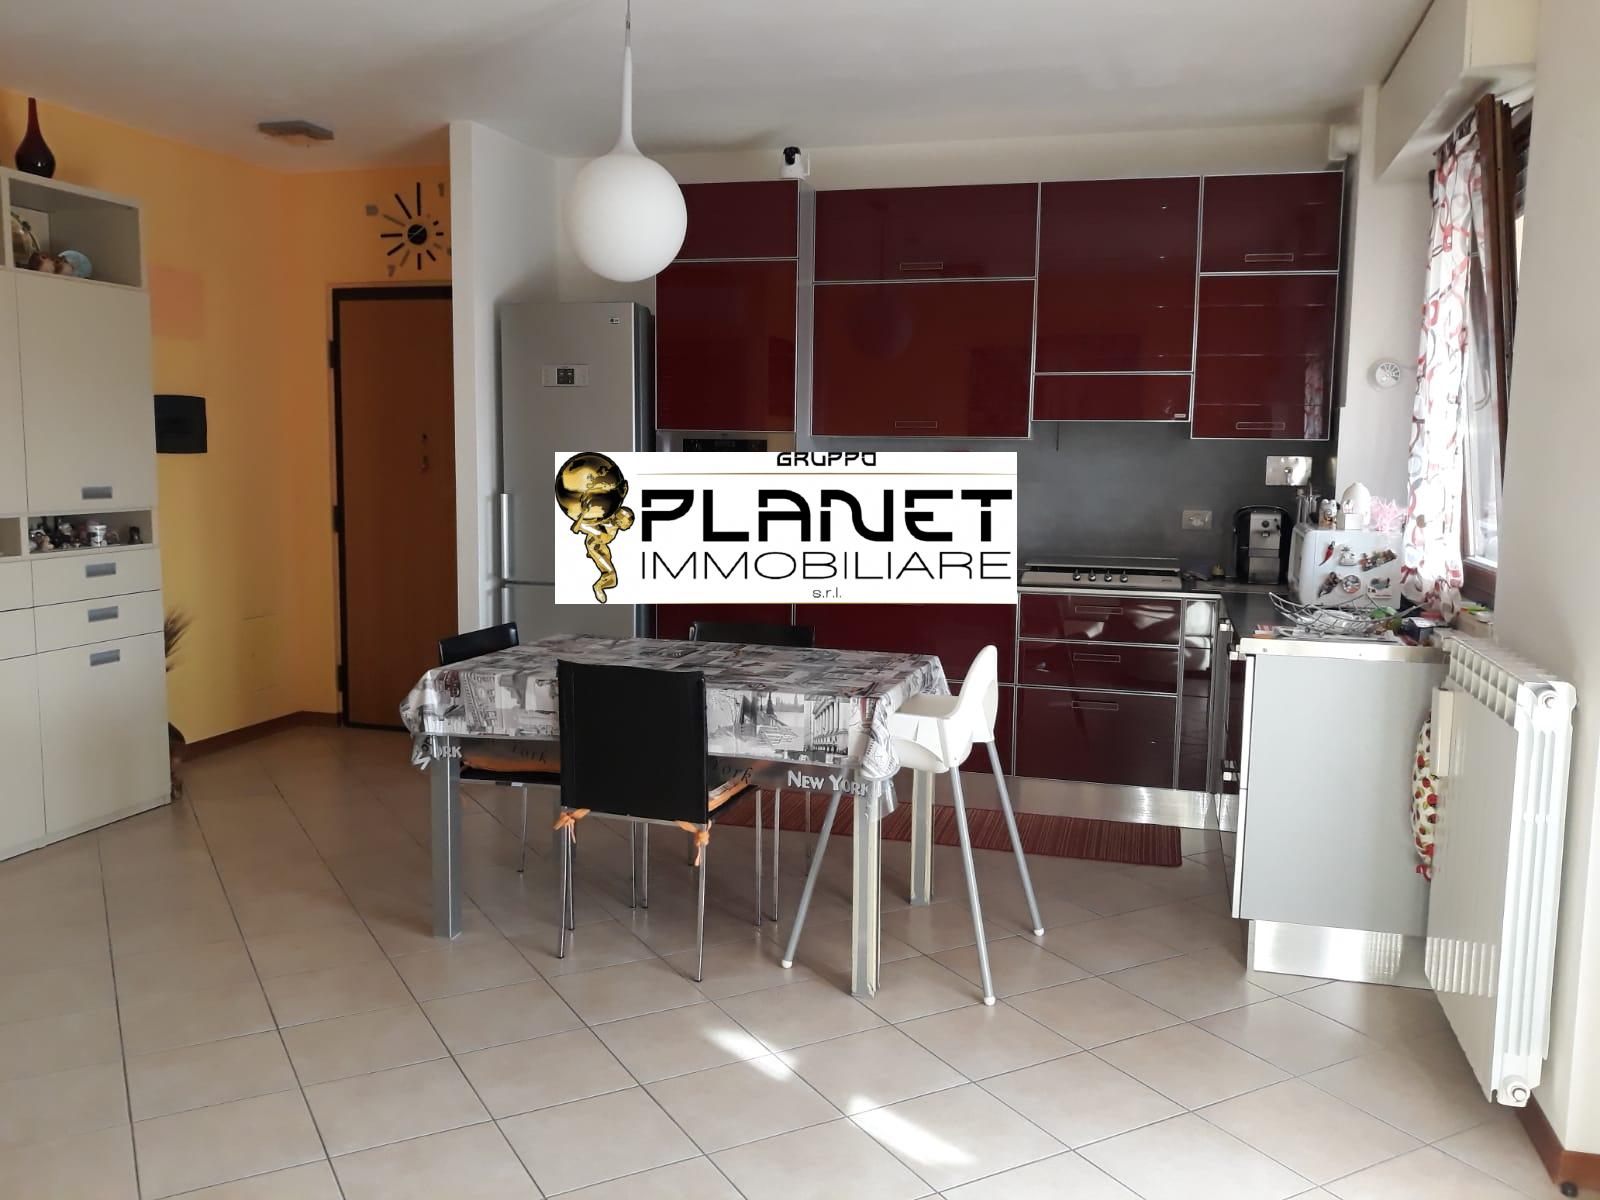 Appartamento in vendita a Arezzo, 3 locali, zona antico-Indicatore, prezzo € 165.000 | PortaleAgenzieImmobiliari.it